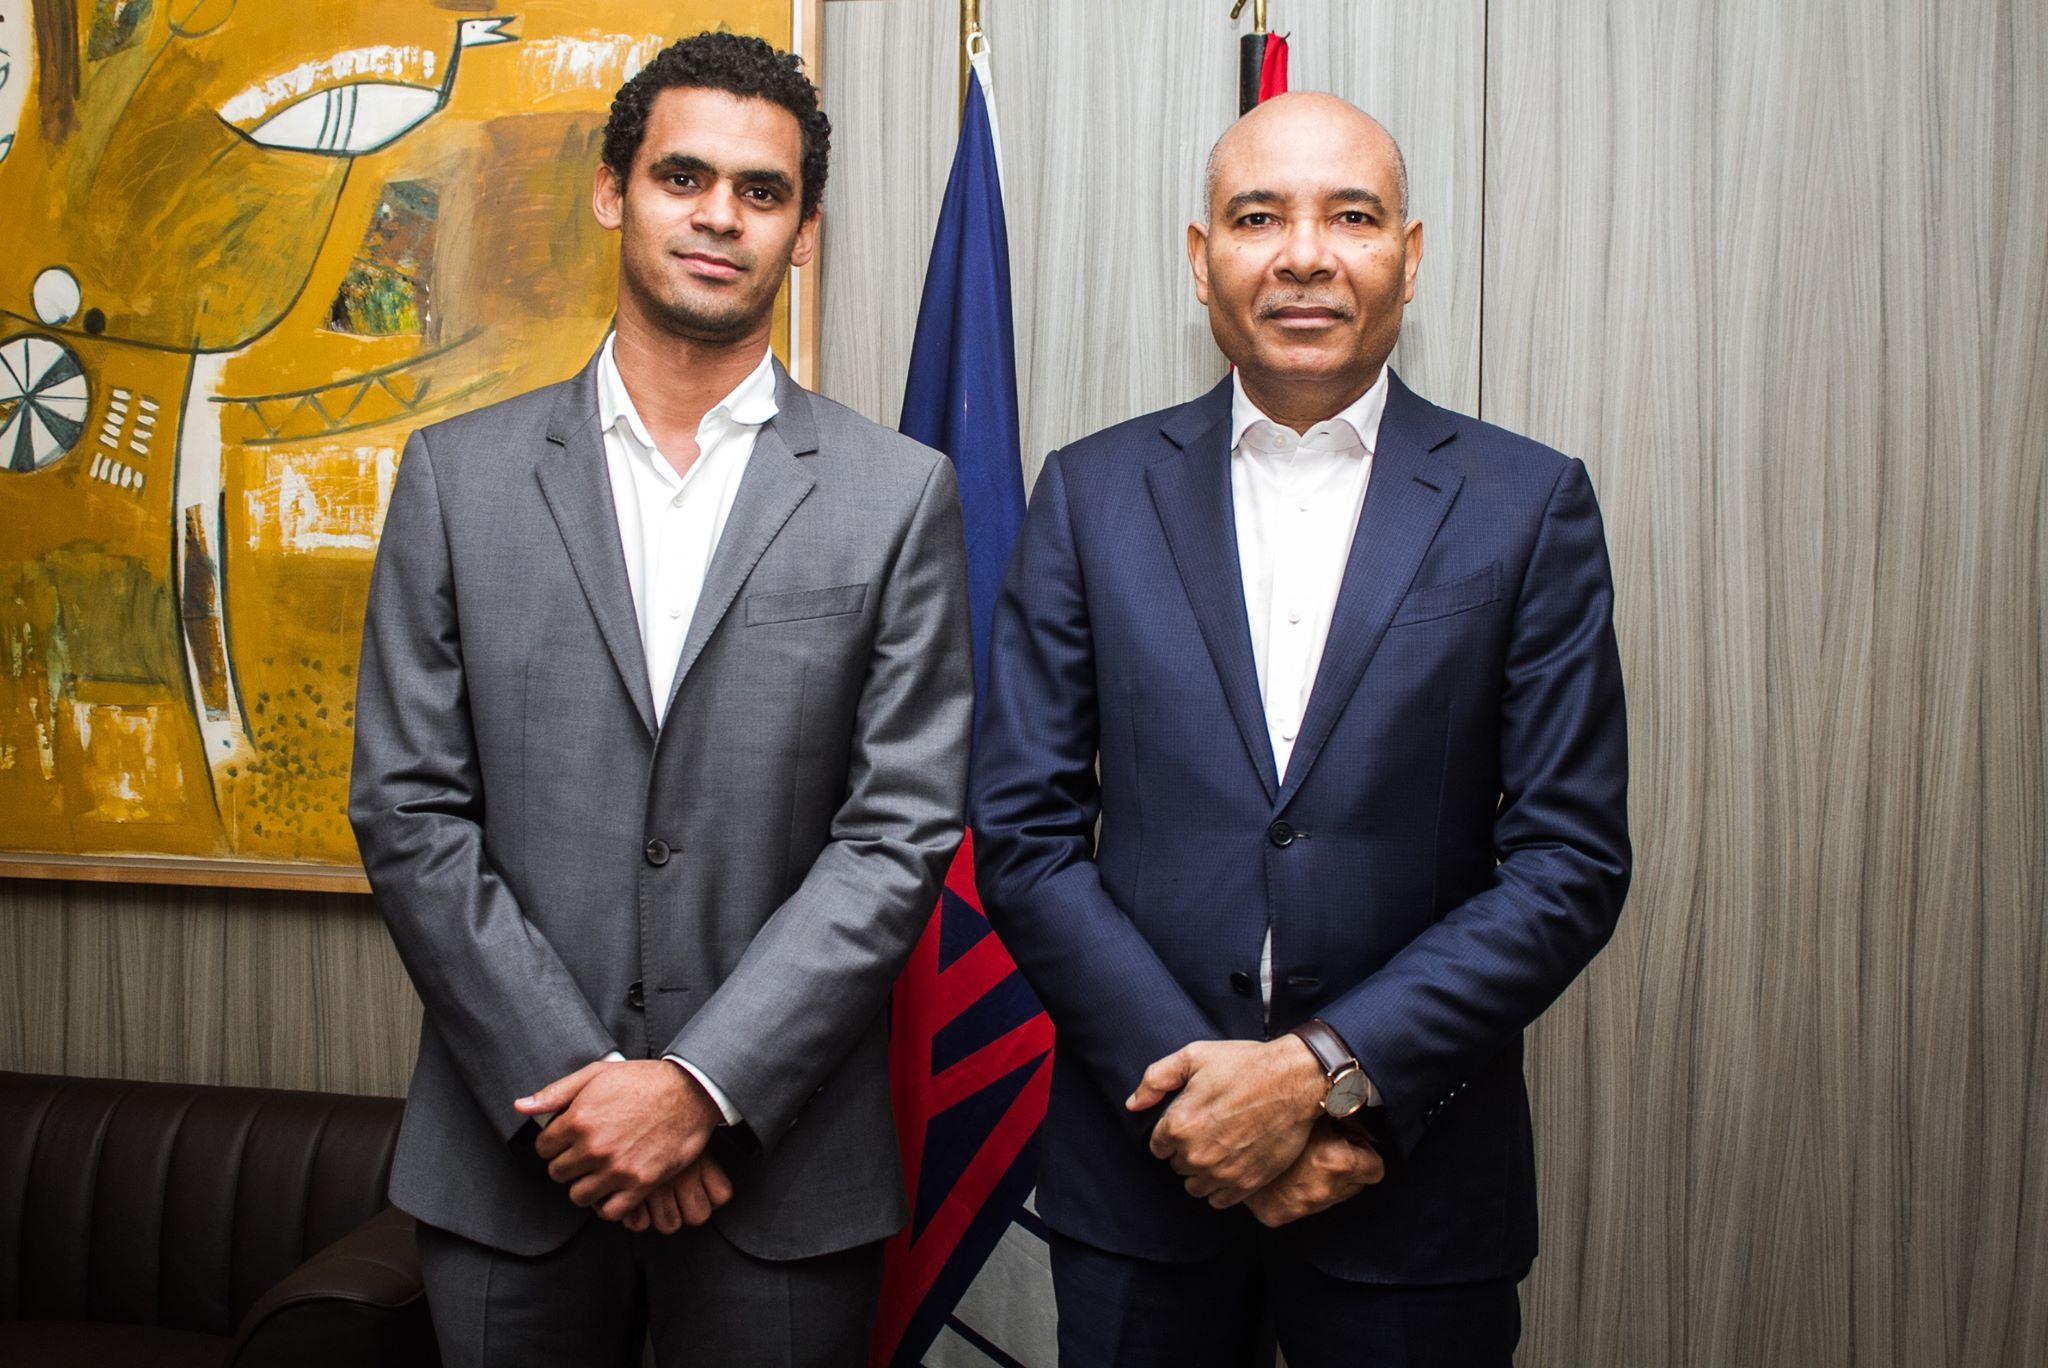 Appy e ENSA firmam parceria para melhor adesão aos planos de saúde